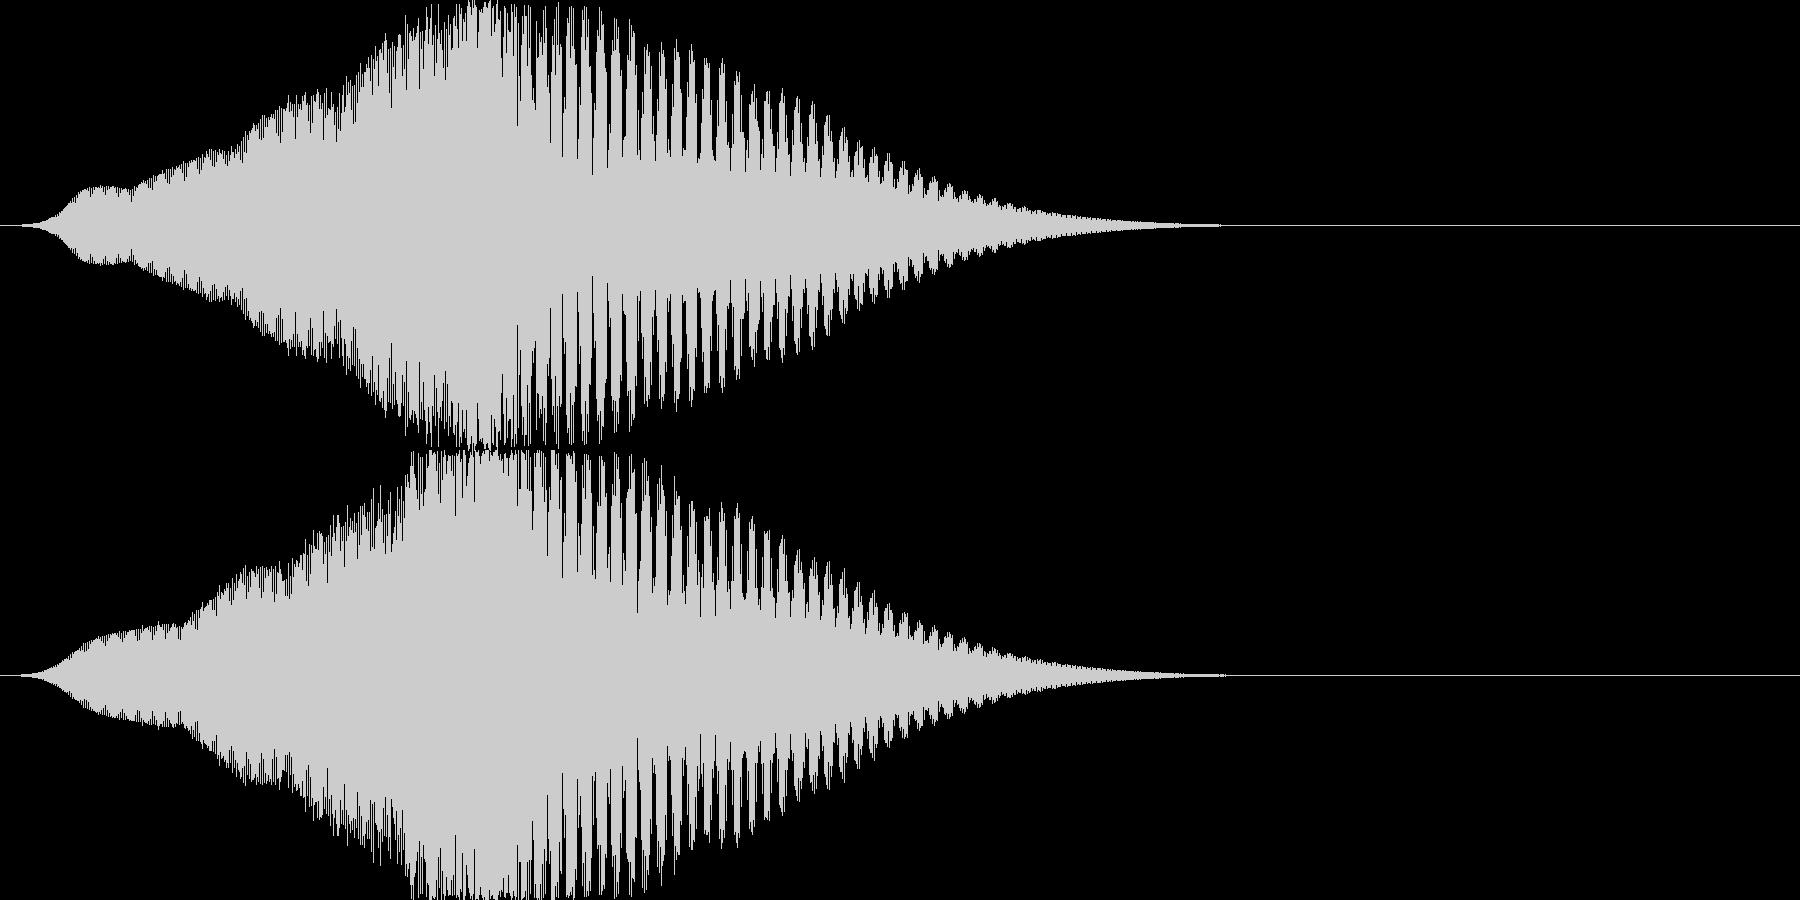 インパクト/フェード/大きくなる/重厚3の未再生の波形